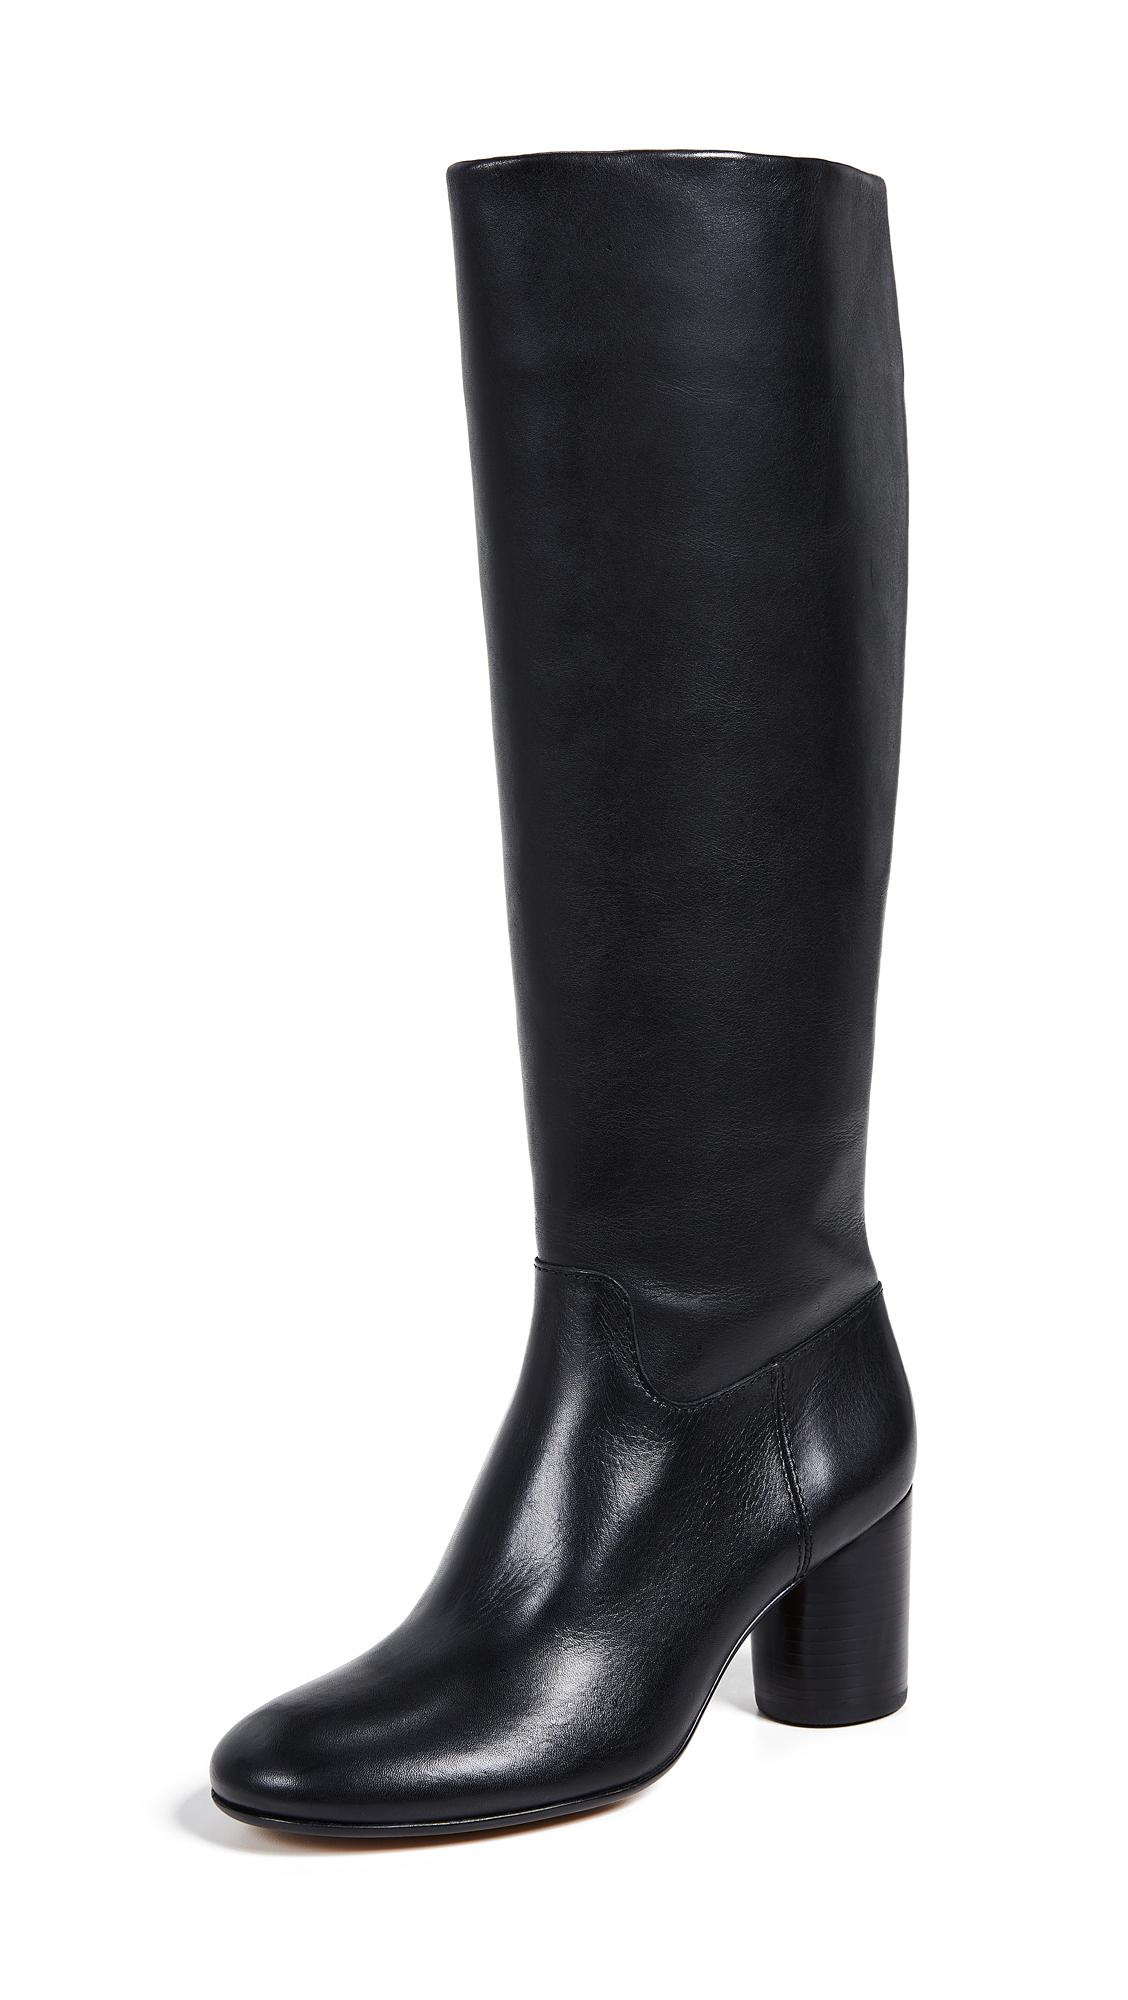 Madewell The Scarlett Tall Boots - True Black